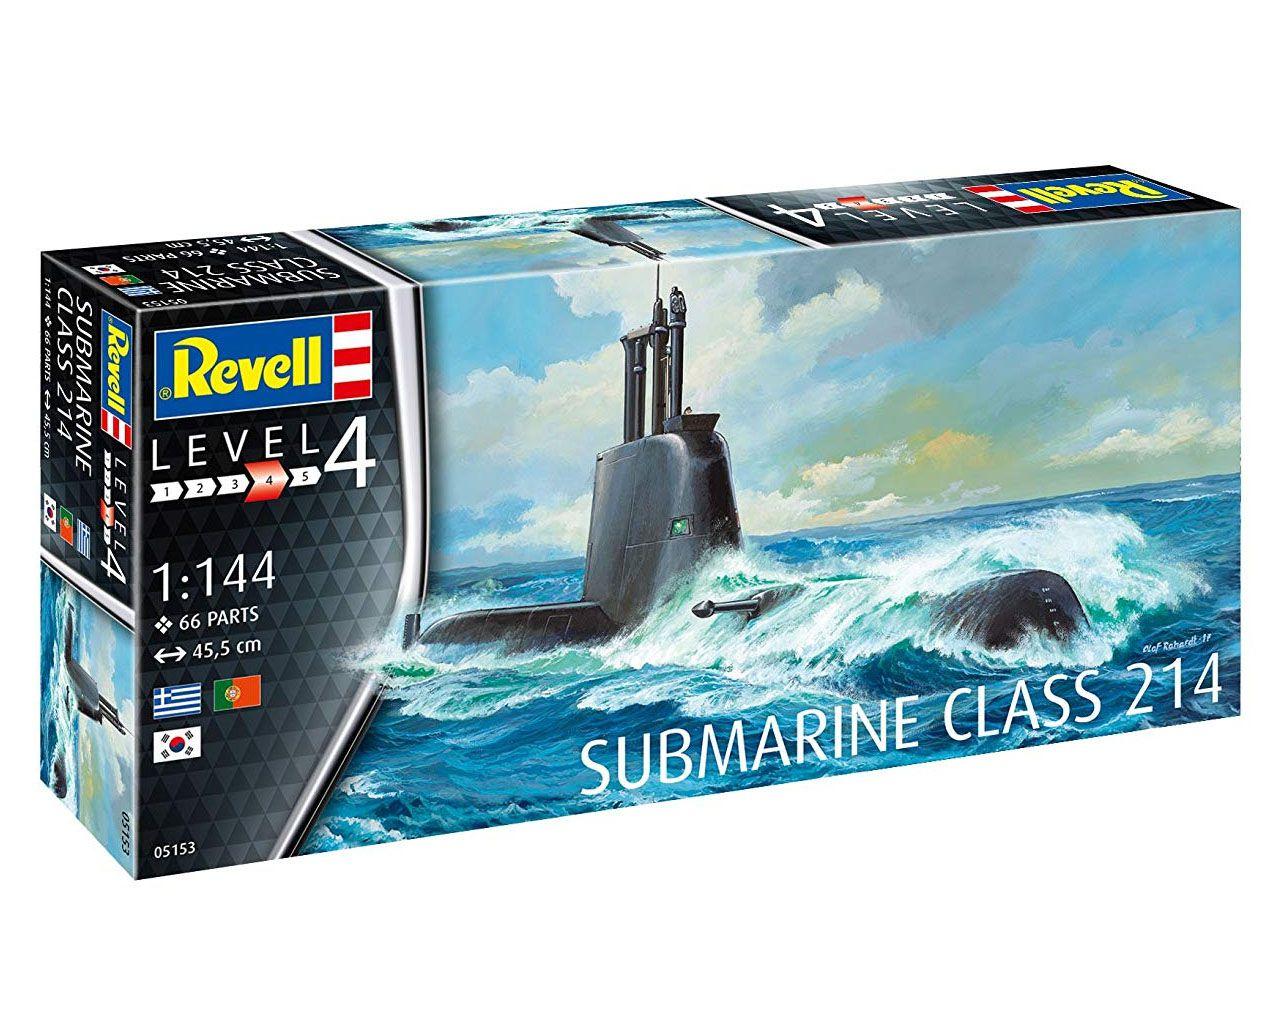 Submarine Class 214 - 1/144 - Revell 05153  - BLIMPS COMÉRCIO ELETRÔNICO